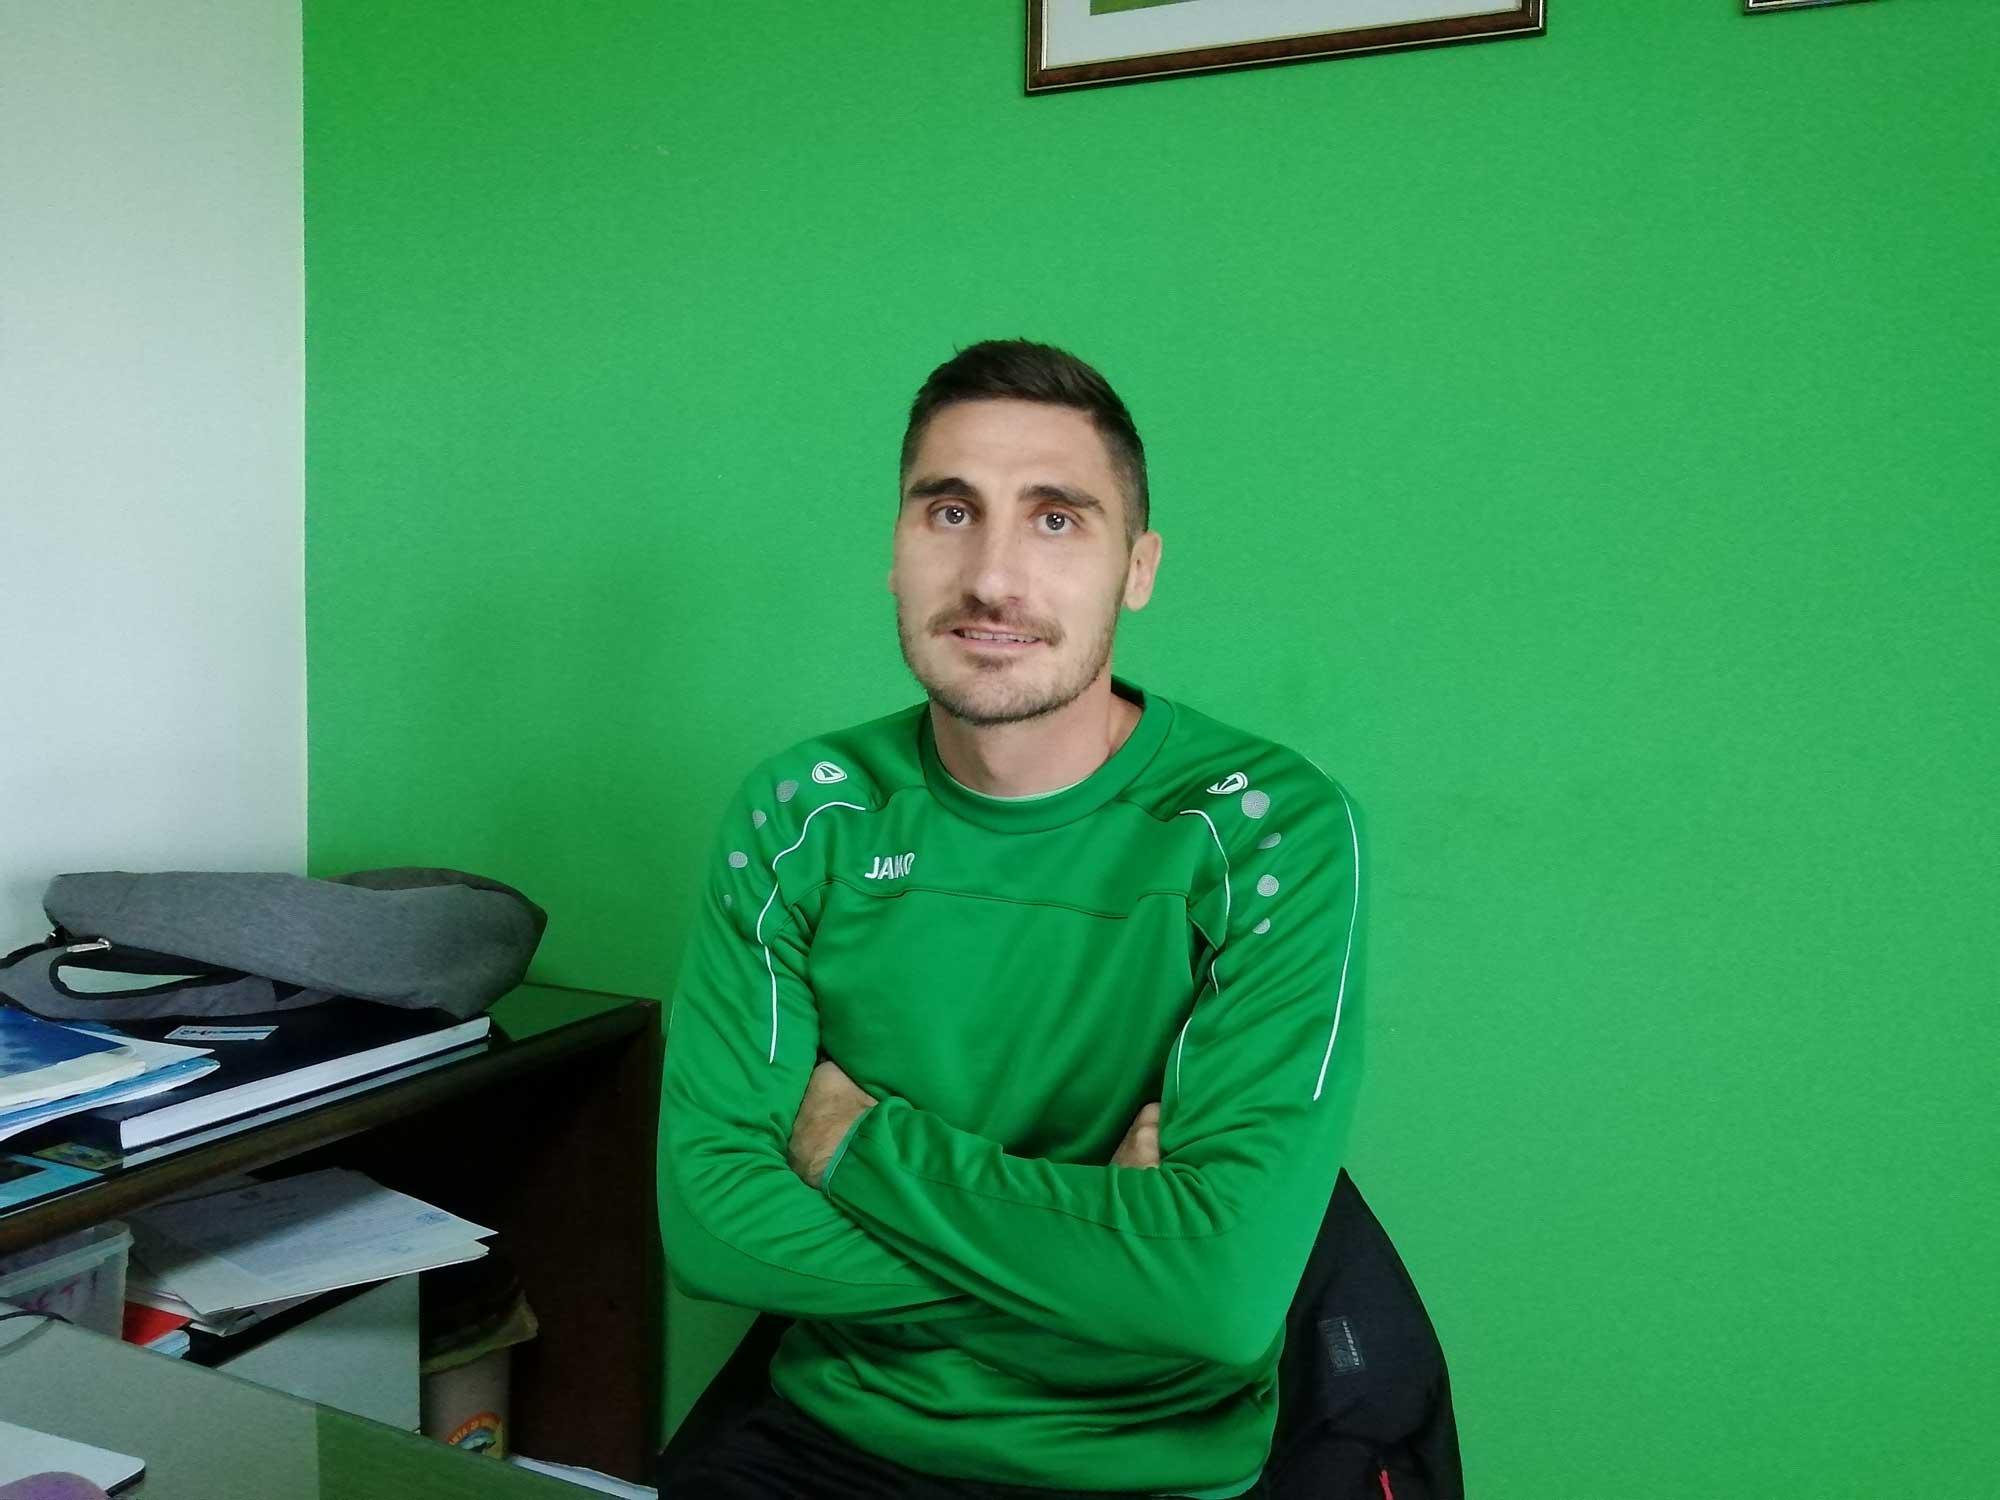 Dimitrijević - Nije prva koju smo odigrali na sličan način